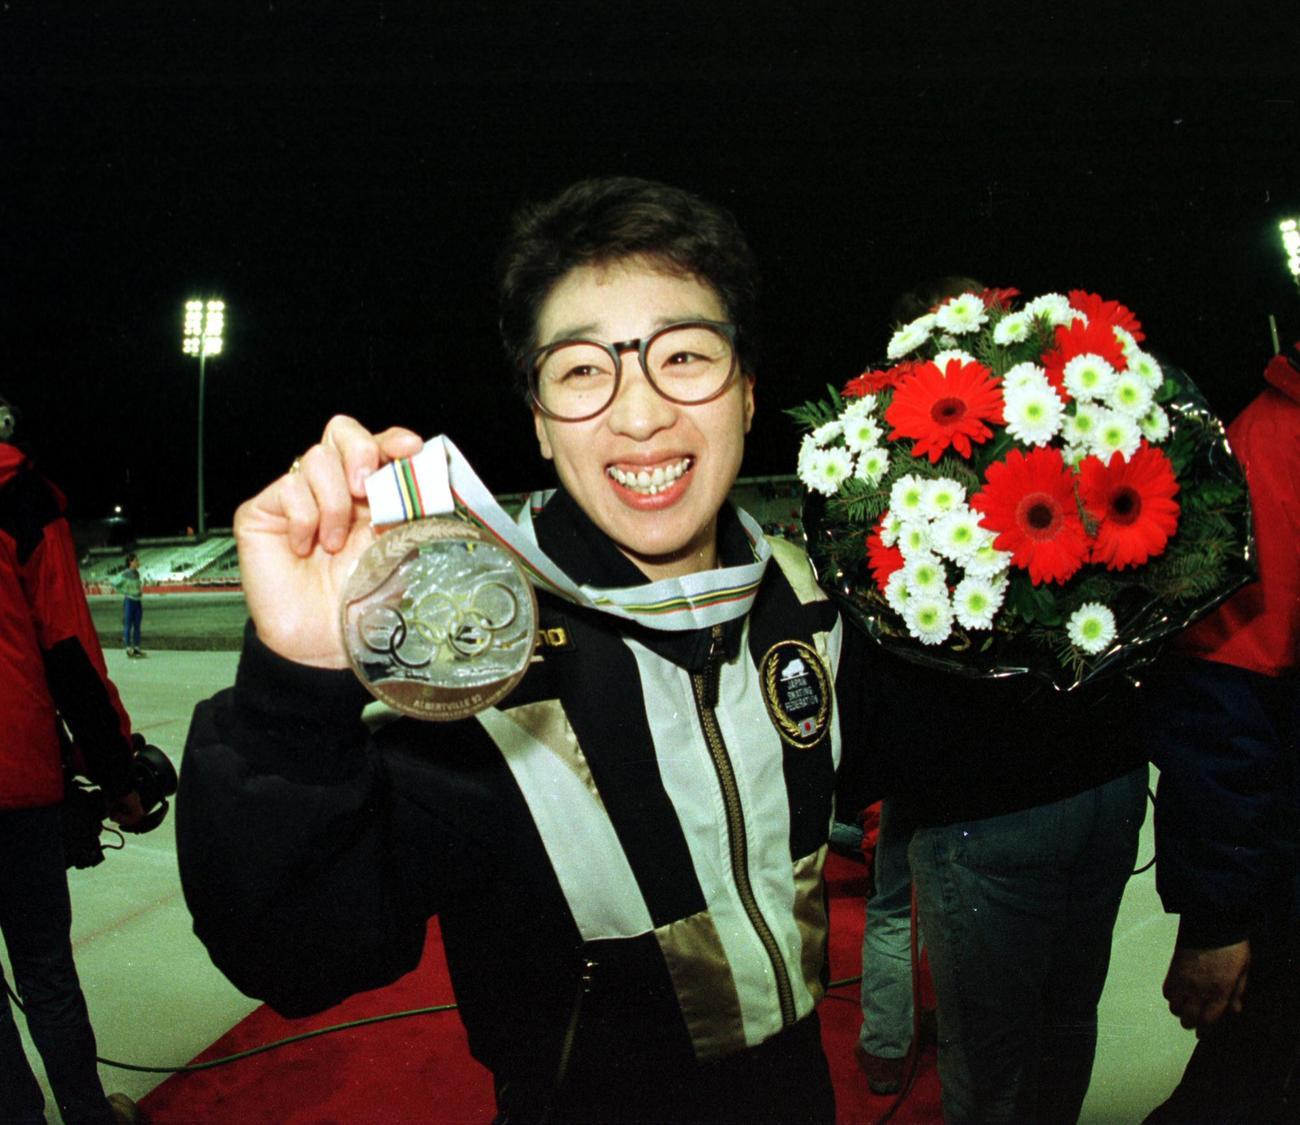 92年アルベールビル五輪女子1500メートルで銅メダルを獲得した橋本聖子氏=1992年2月12日